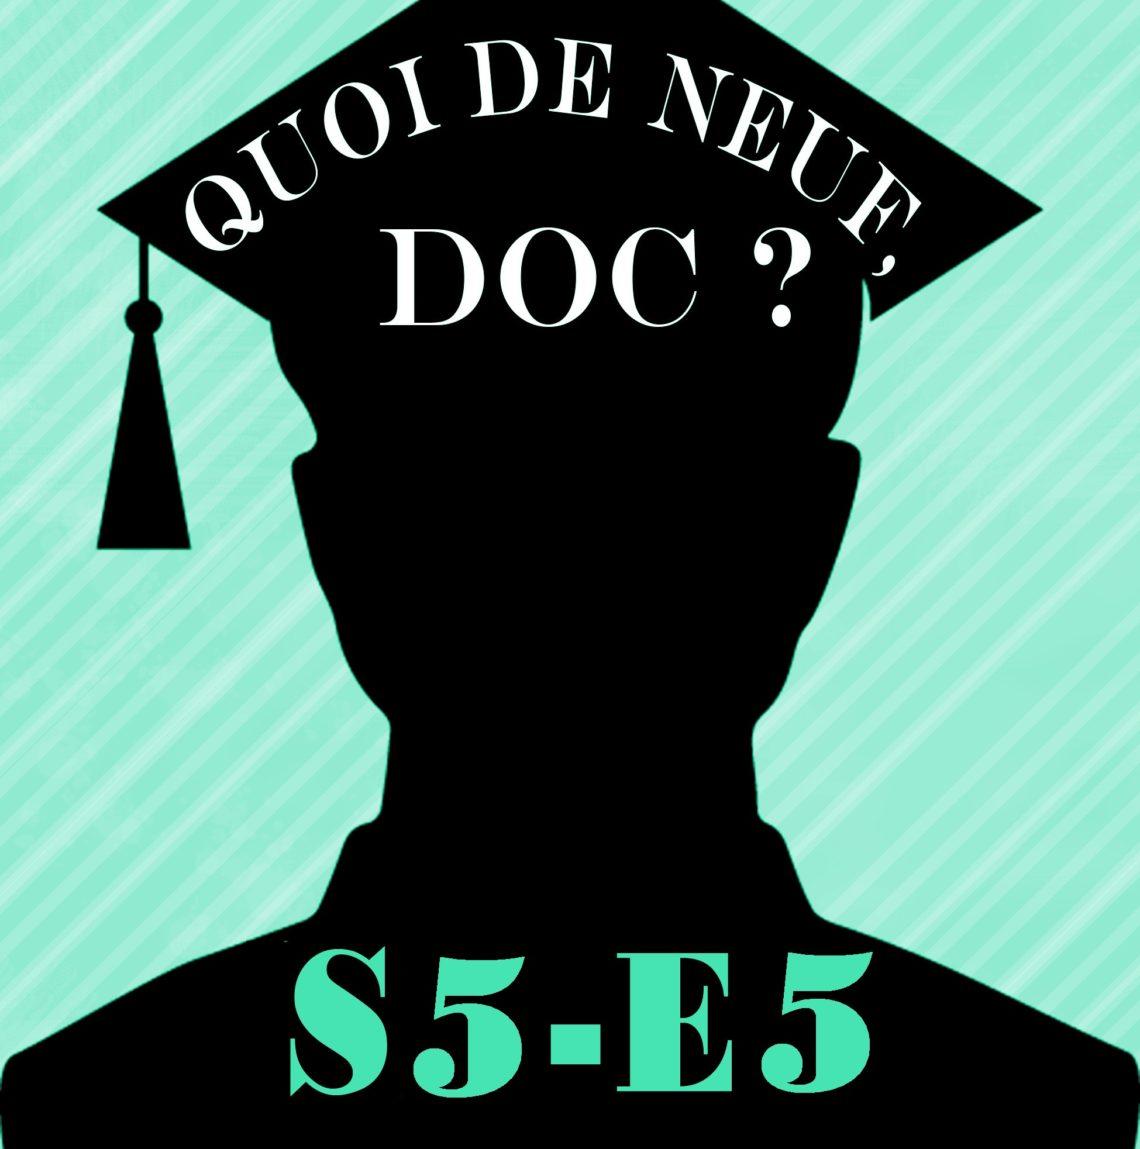 QDND S5E5 du mercredi 13 février 2019